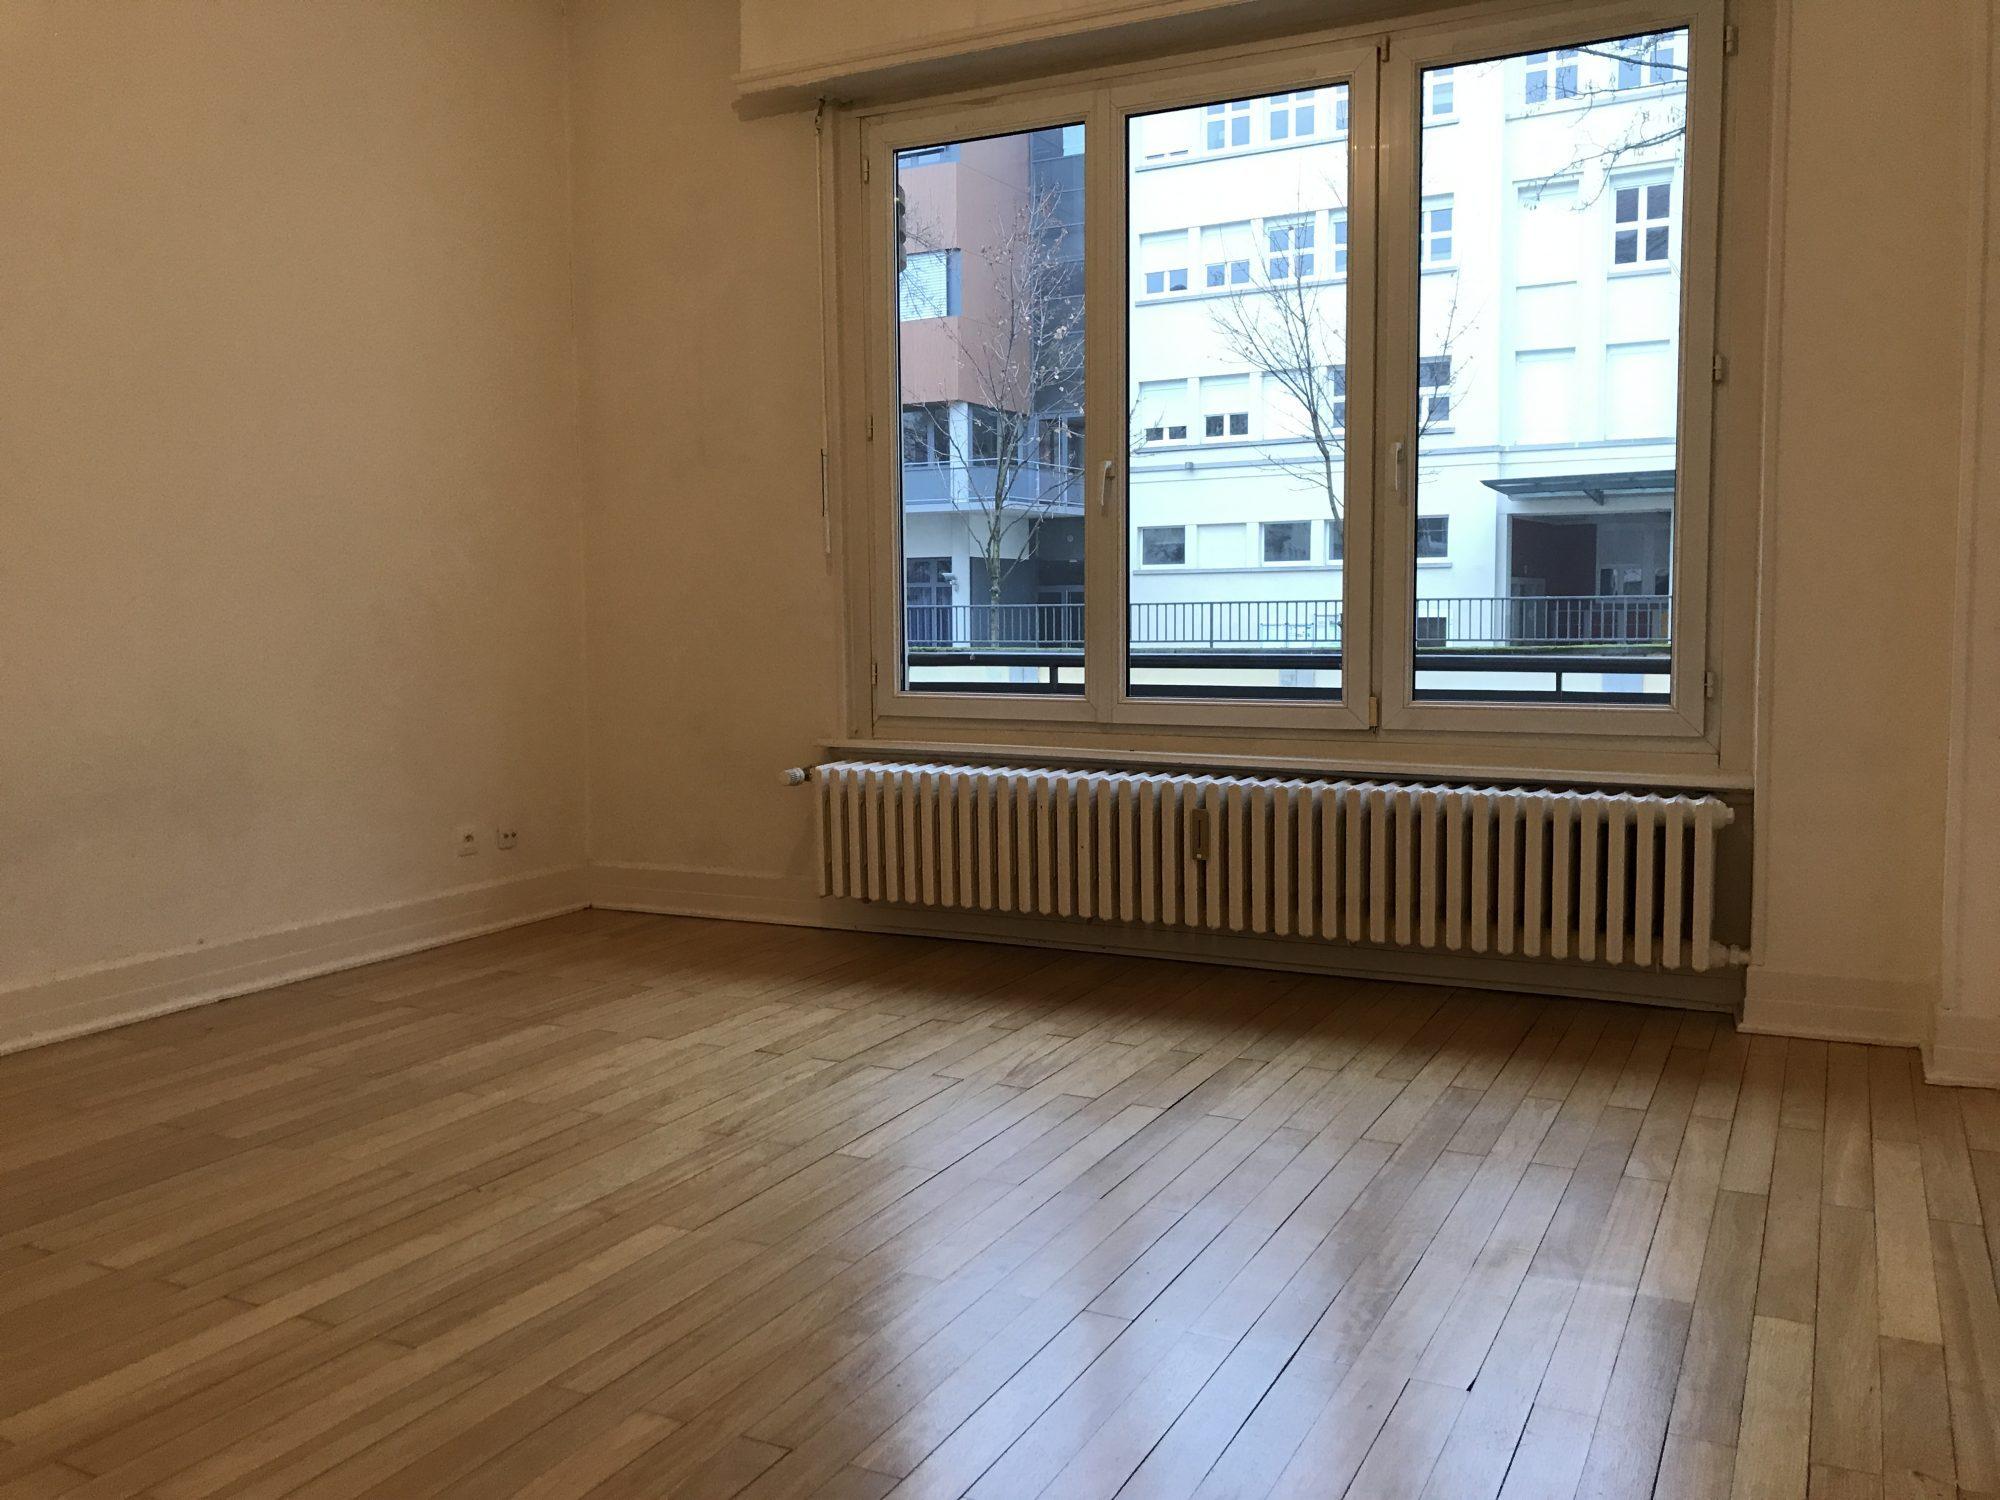 1 PIÈCE QUARTIER KRUTENAU - Devenez locataire en toute sérénité - Bintz Immobilier - 2